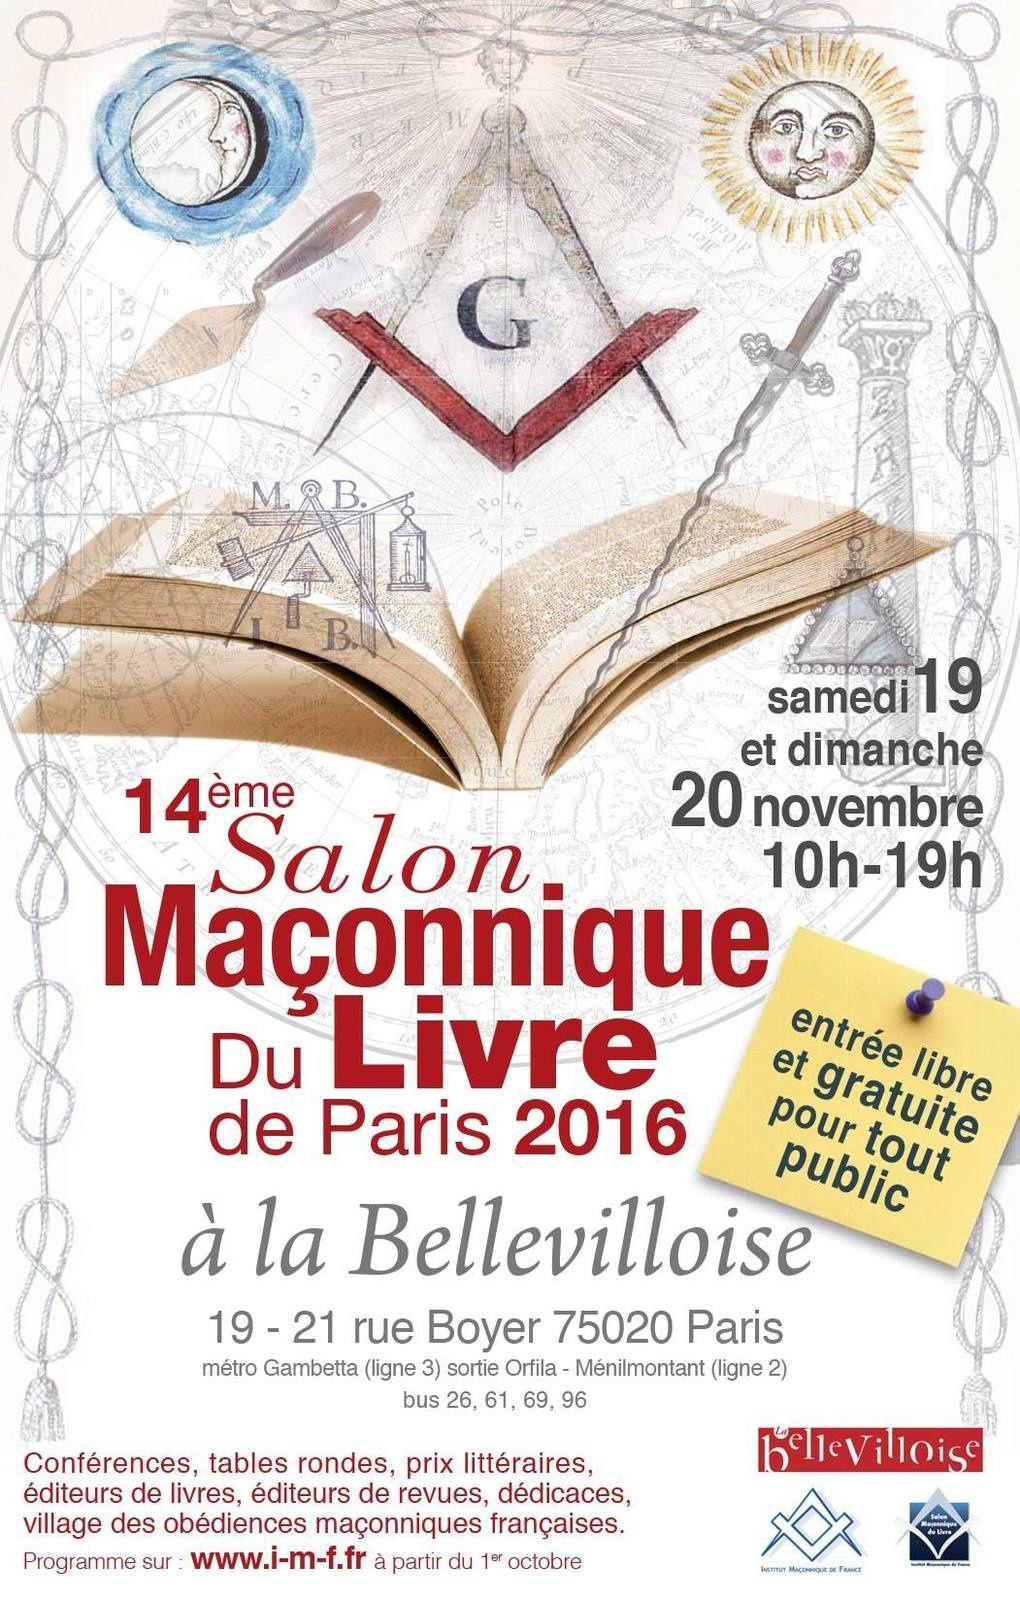 Salon Maçonnique du livre 2016 de Paris. Les 19 et 20 novembre à la Belleviloise.